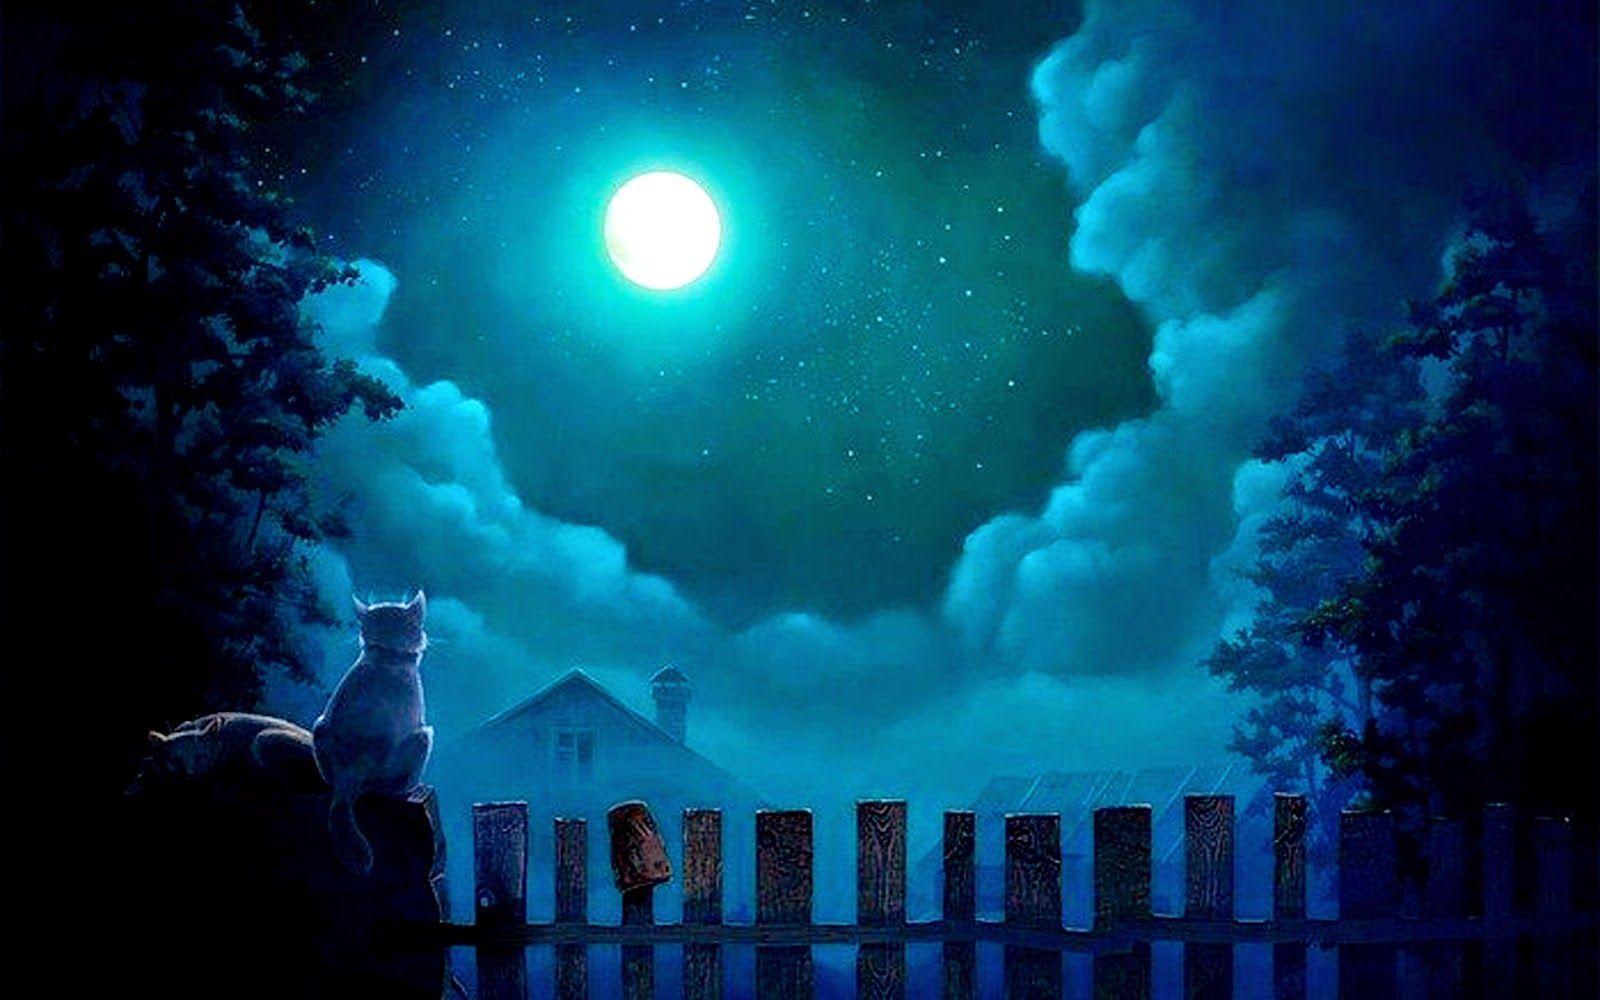 Moon full light wallpapers wallpaper cave - Light night wallpaper ...